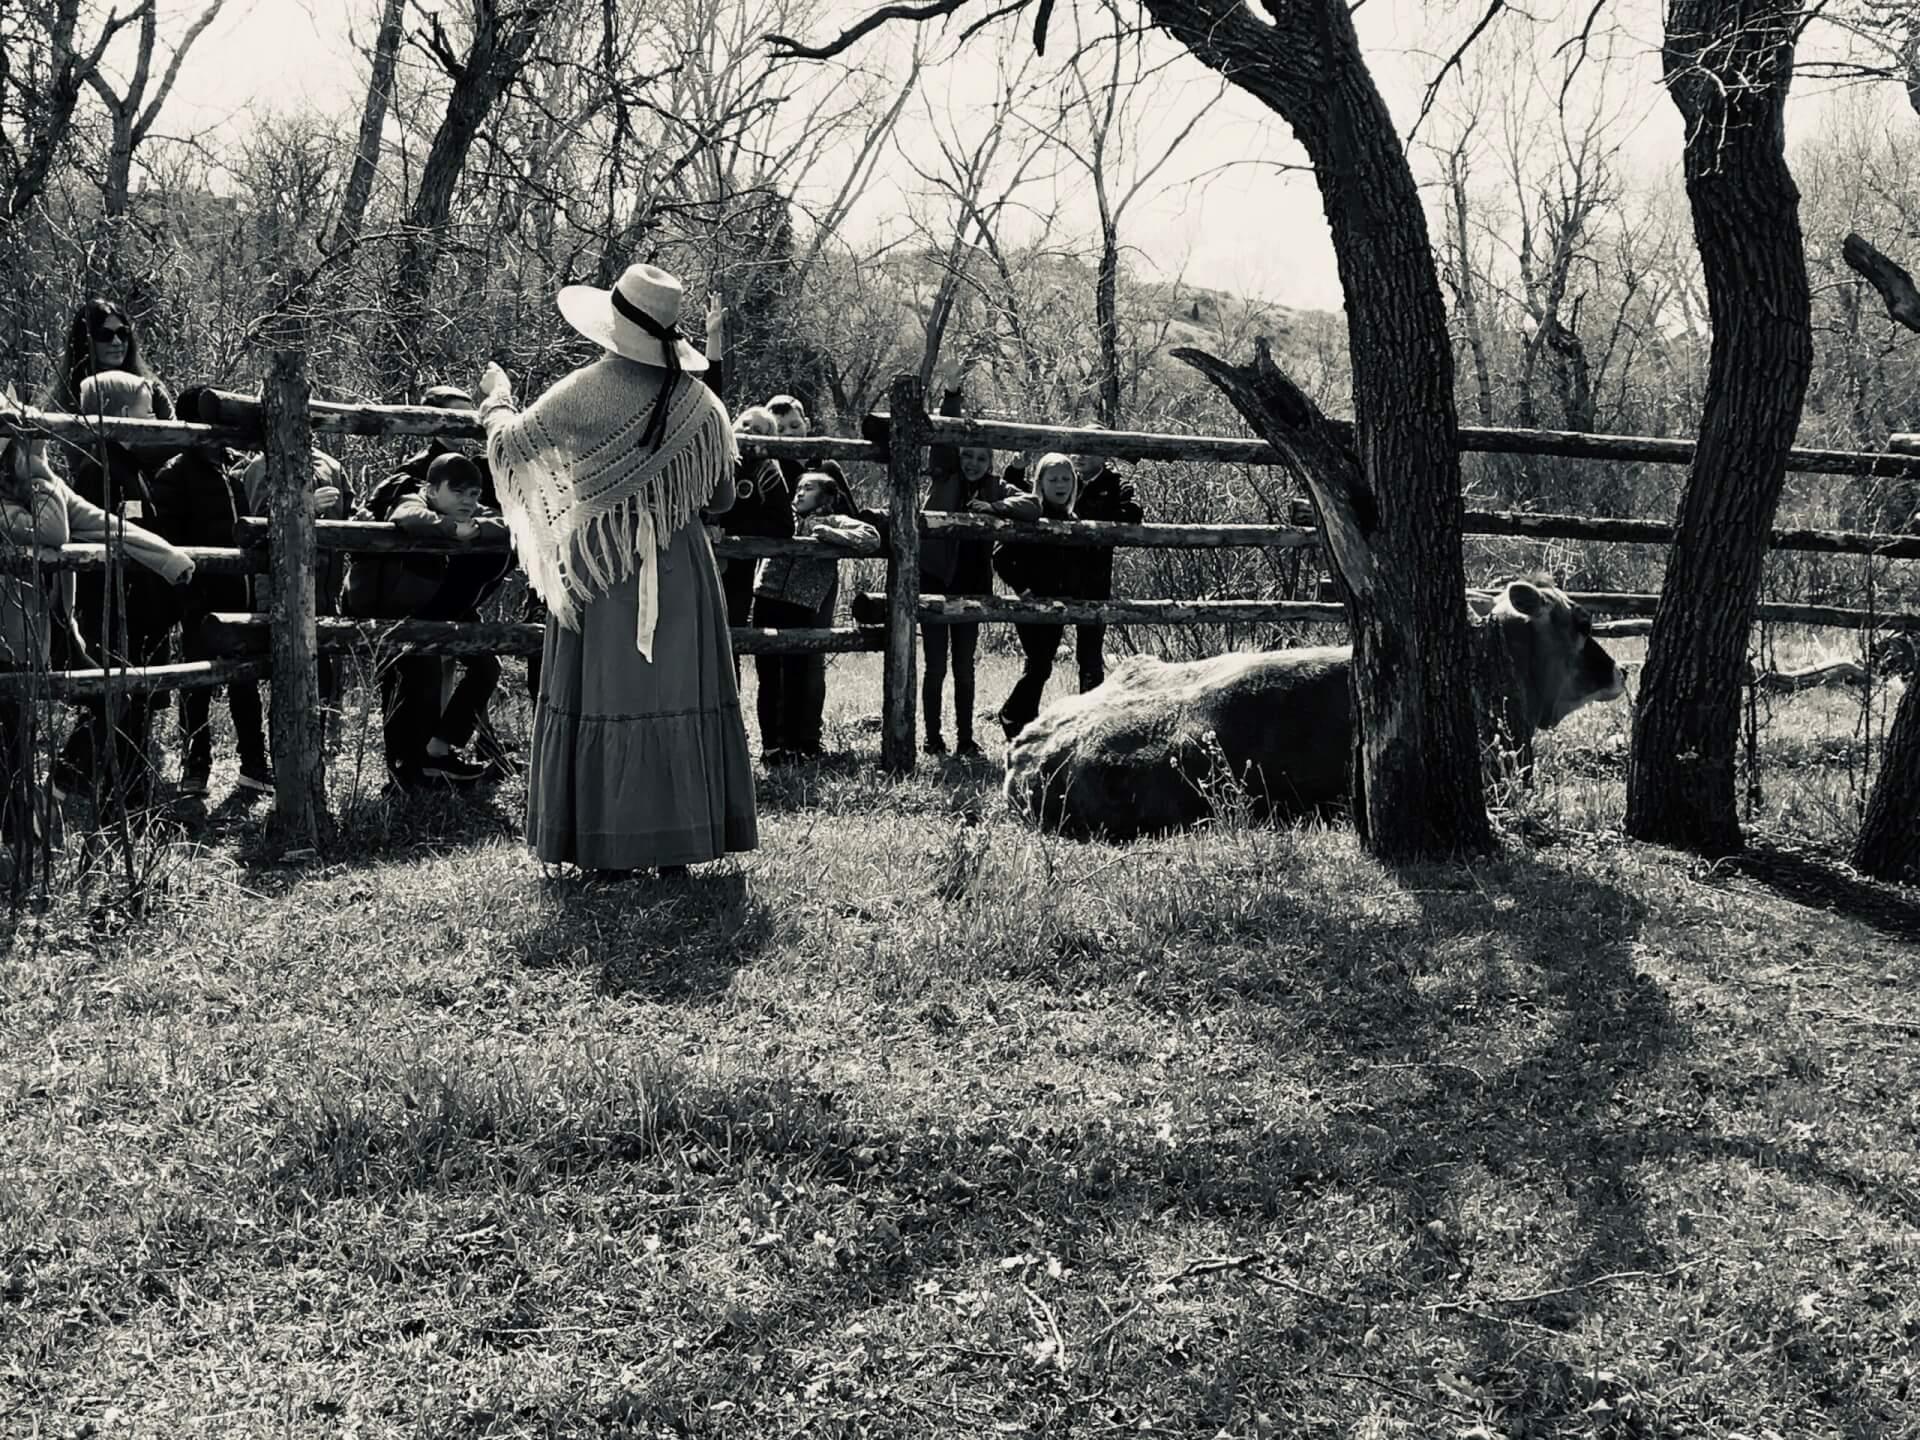 Spring Colorado Living History School Program